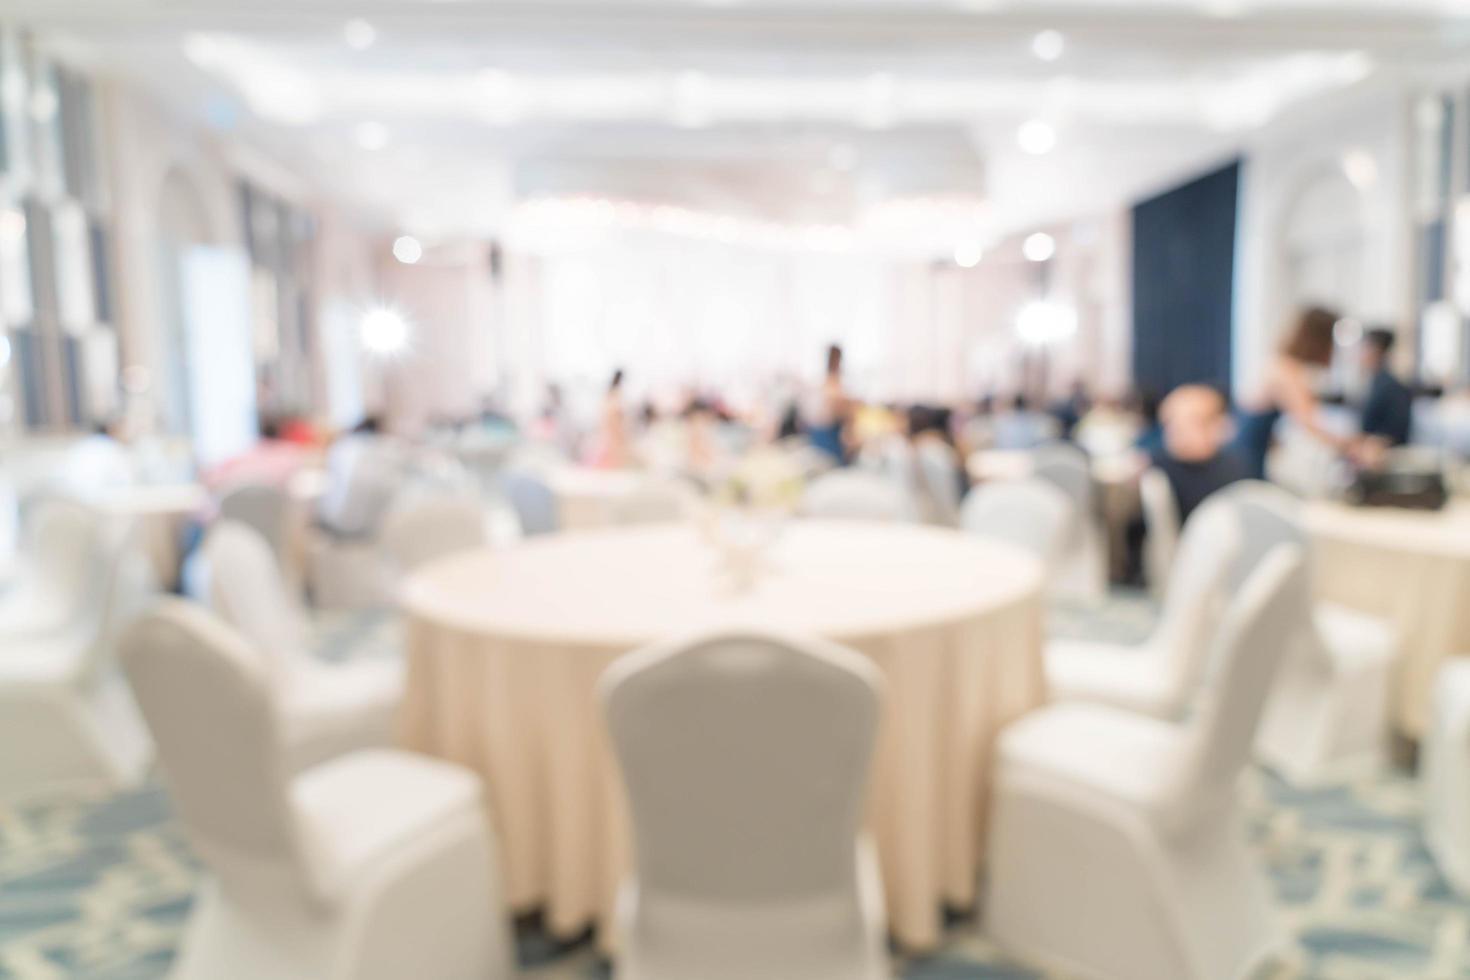 sfocatura astratta in un ristorante di lusso per lo sfondo foto